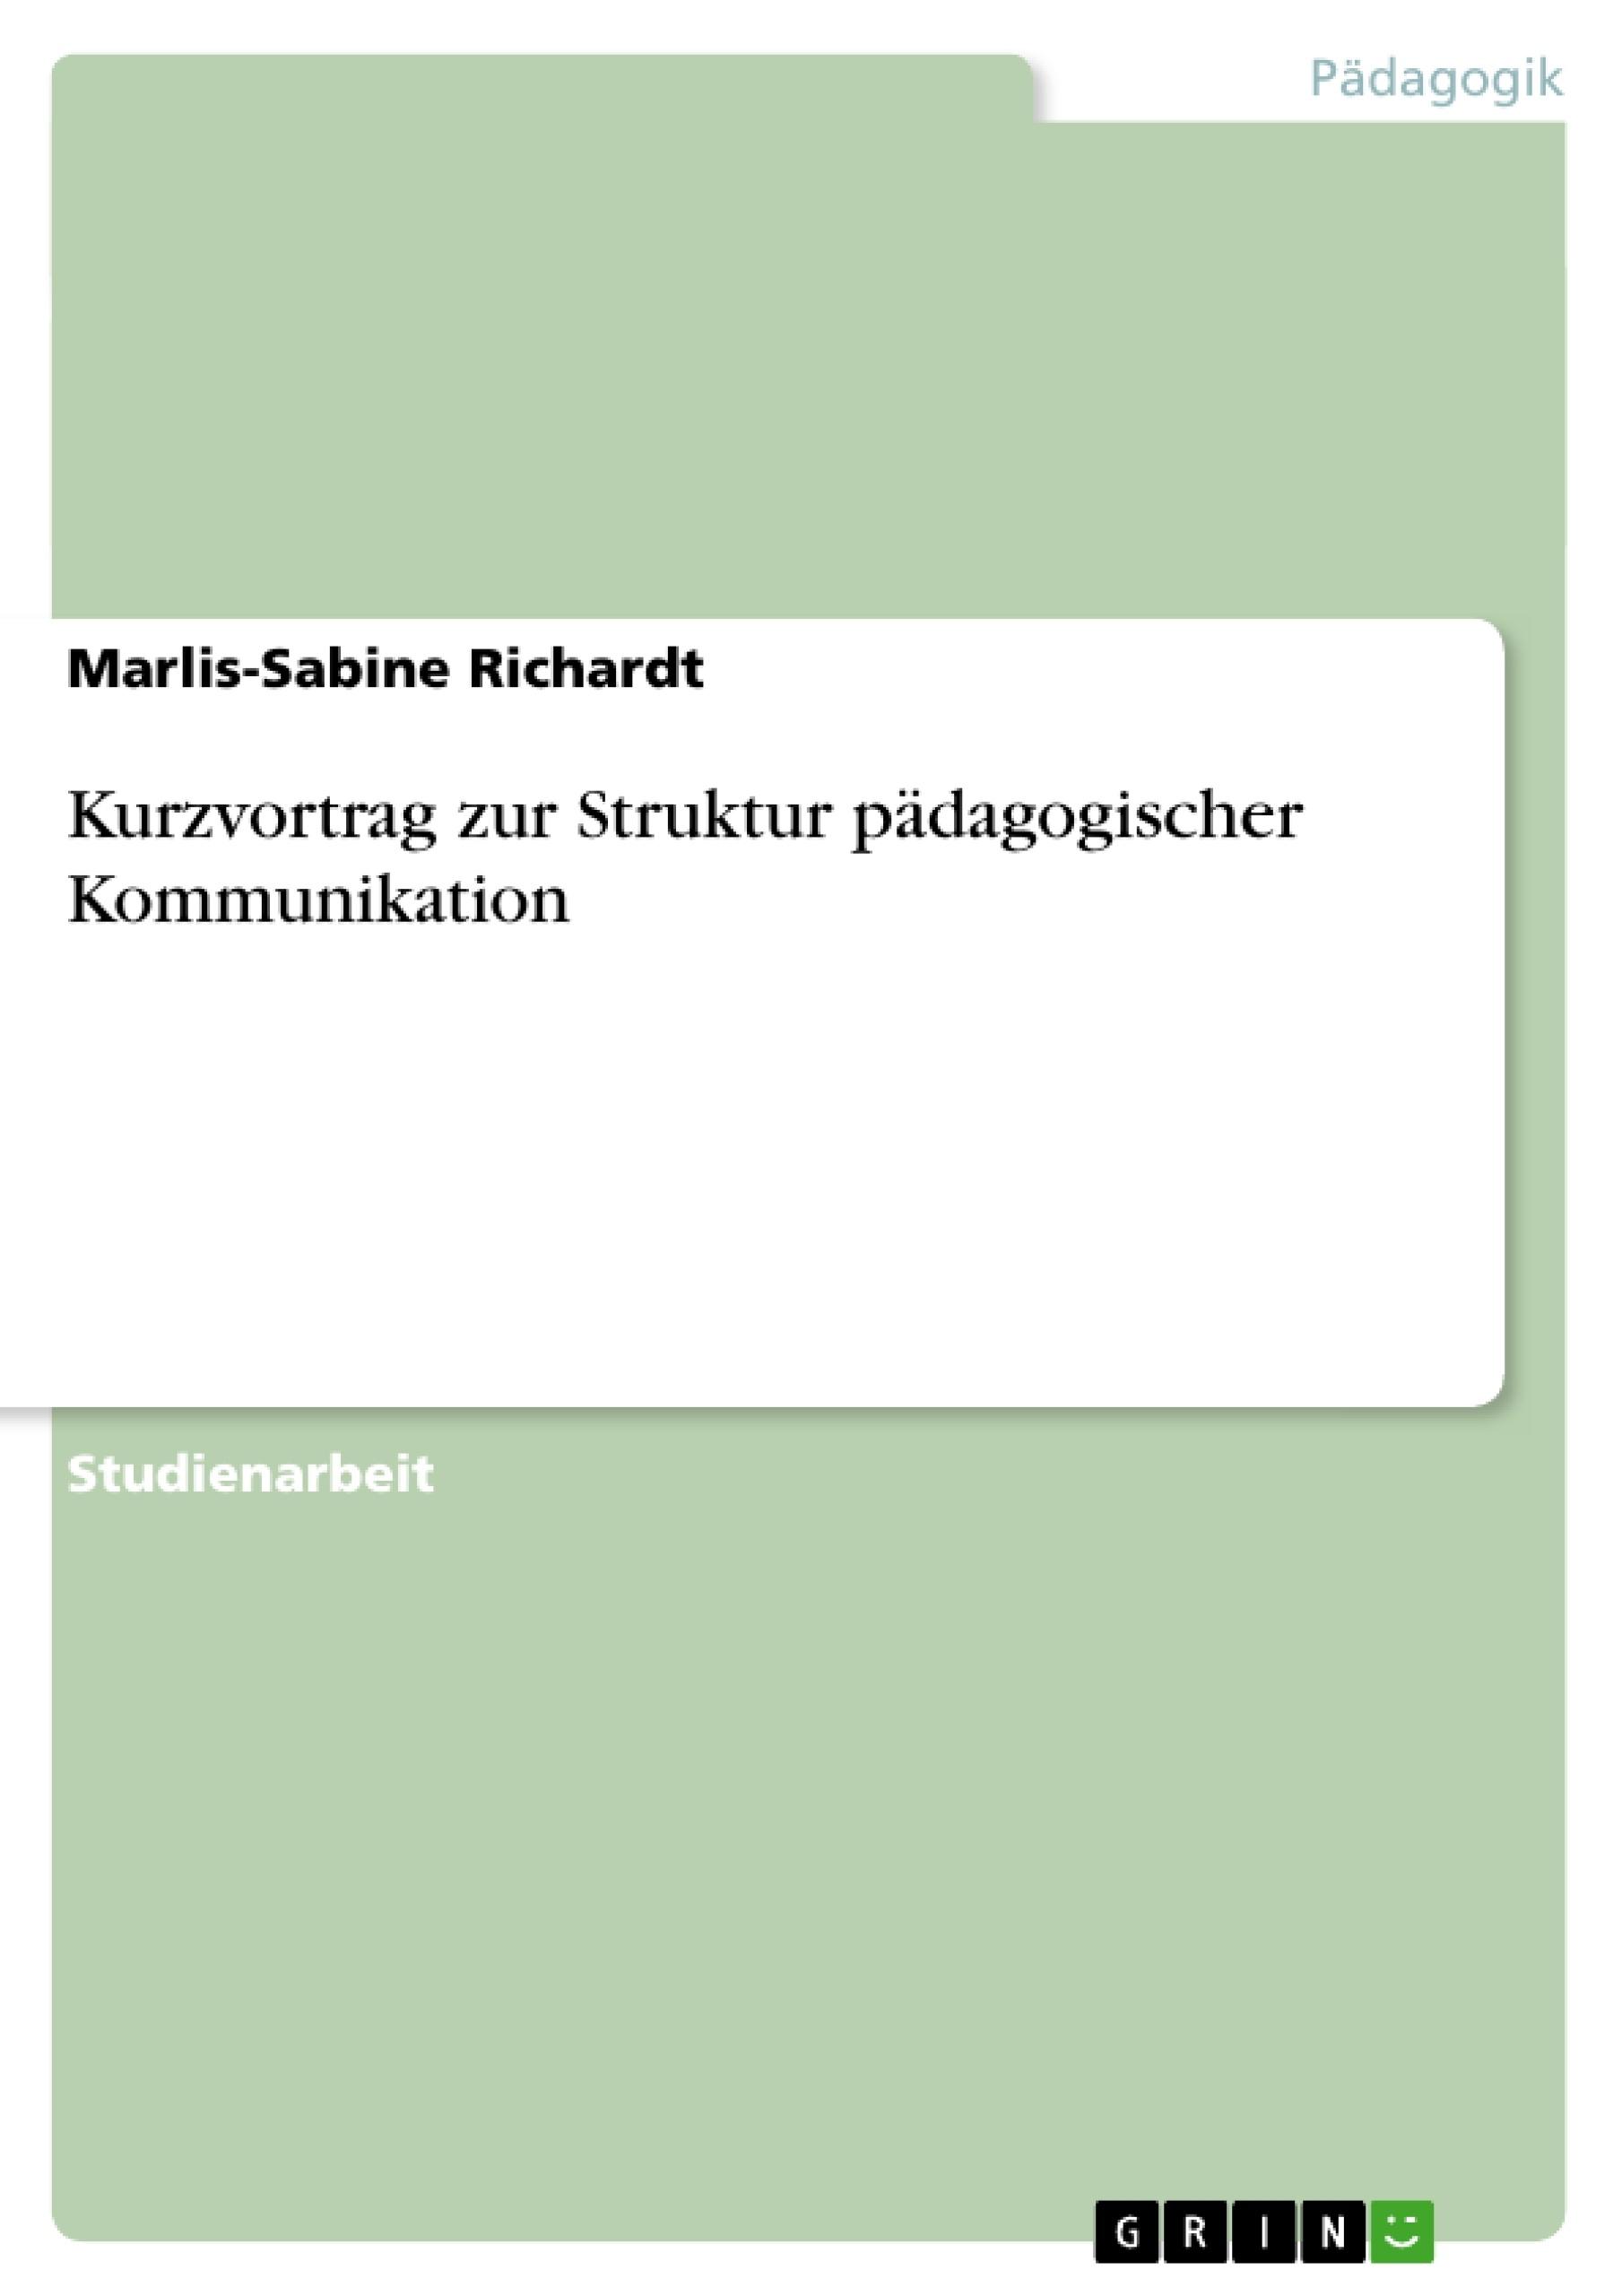 Titel: Kurzvortrag zur Struktur pädagogischer Kommunikation